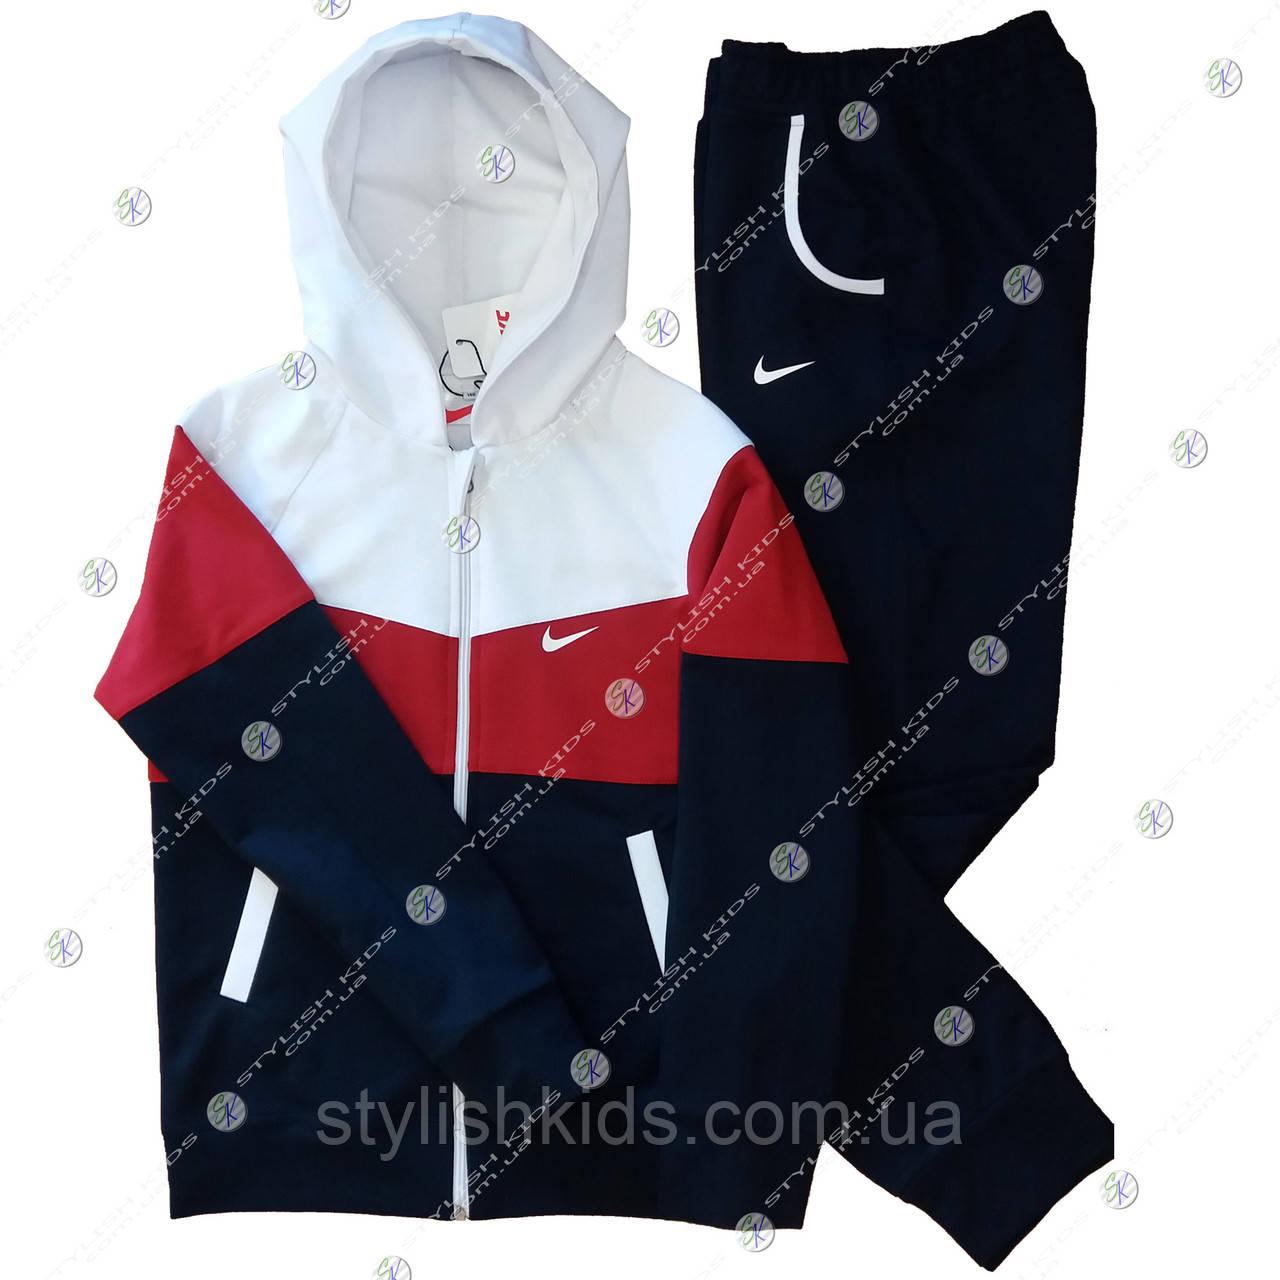 b69c80e37 Подростковый спортивный костюм Найк в интернет магазине.спортивный костюм  для подростка мальчика 134р-164р